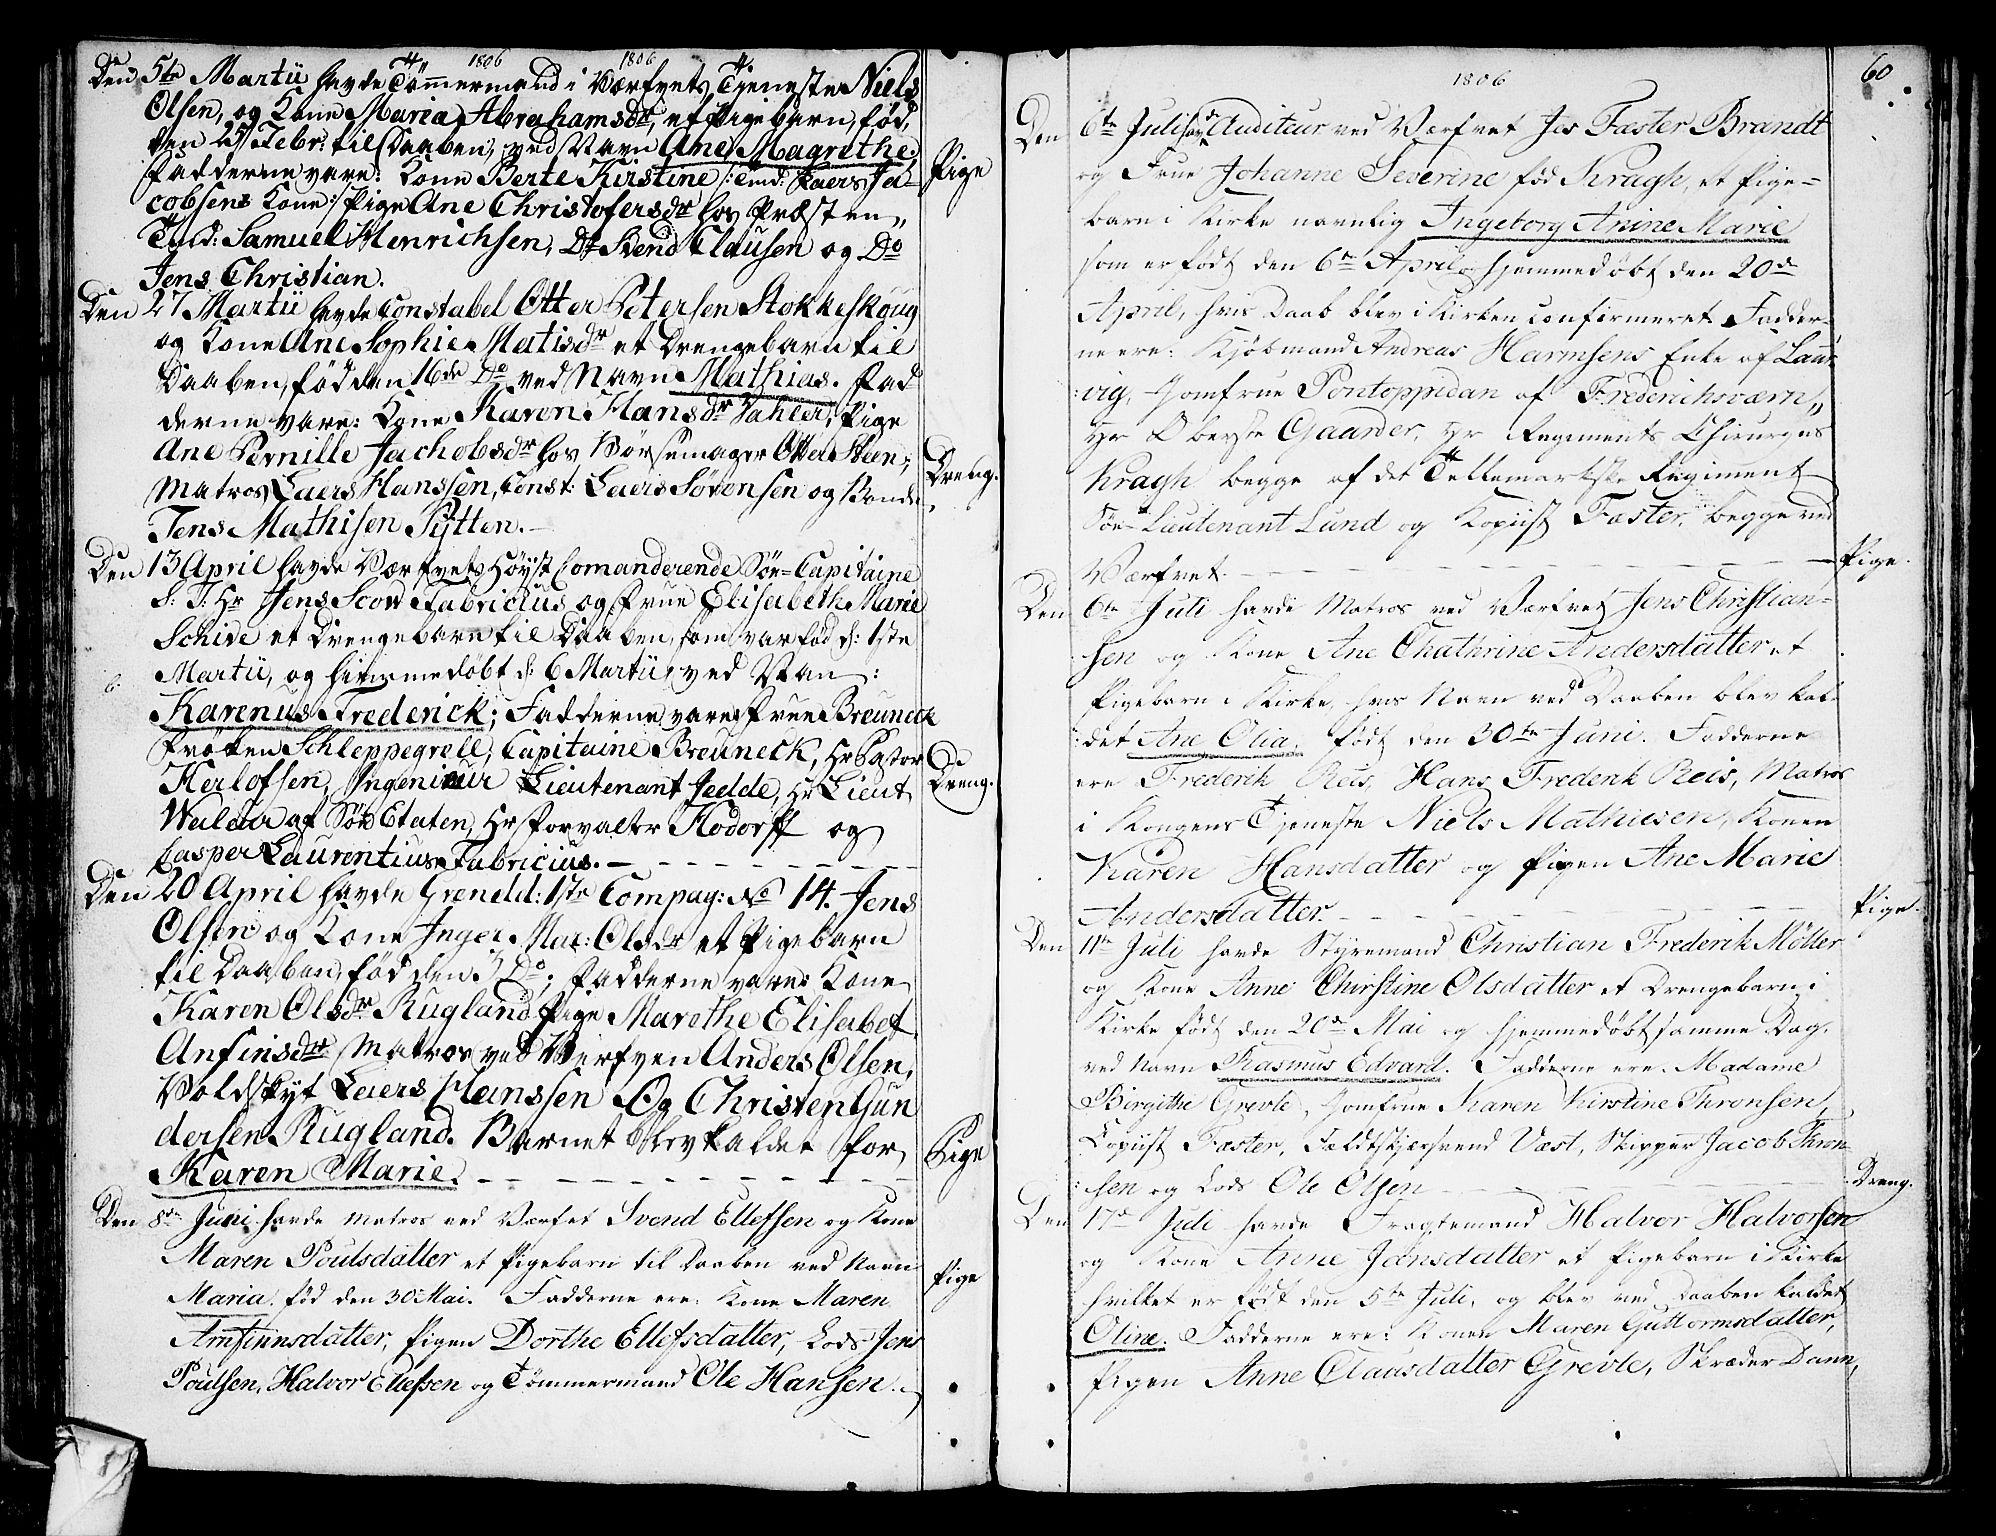 SAKO, Stavern kirkebøker, F/Fa/L0002: Ministerialbok nr. 2, 1783-1809, s. 60